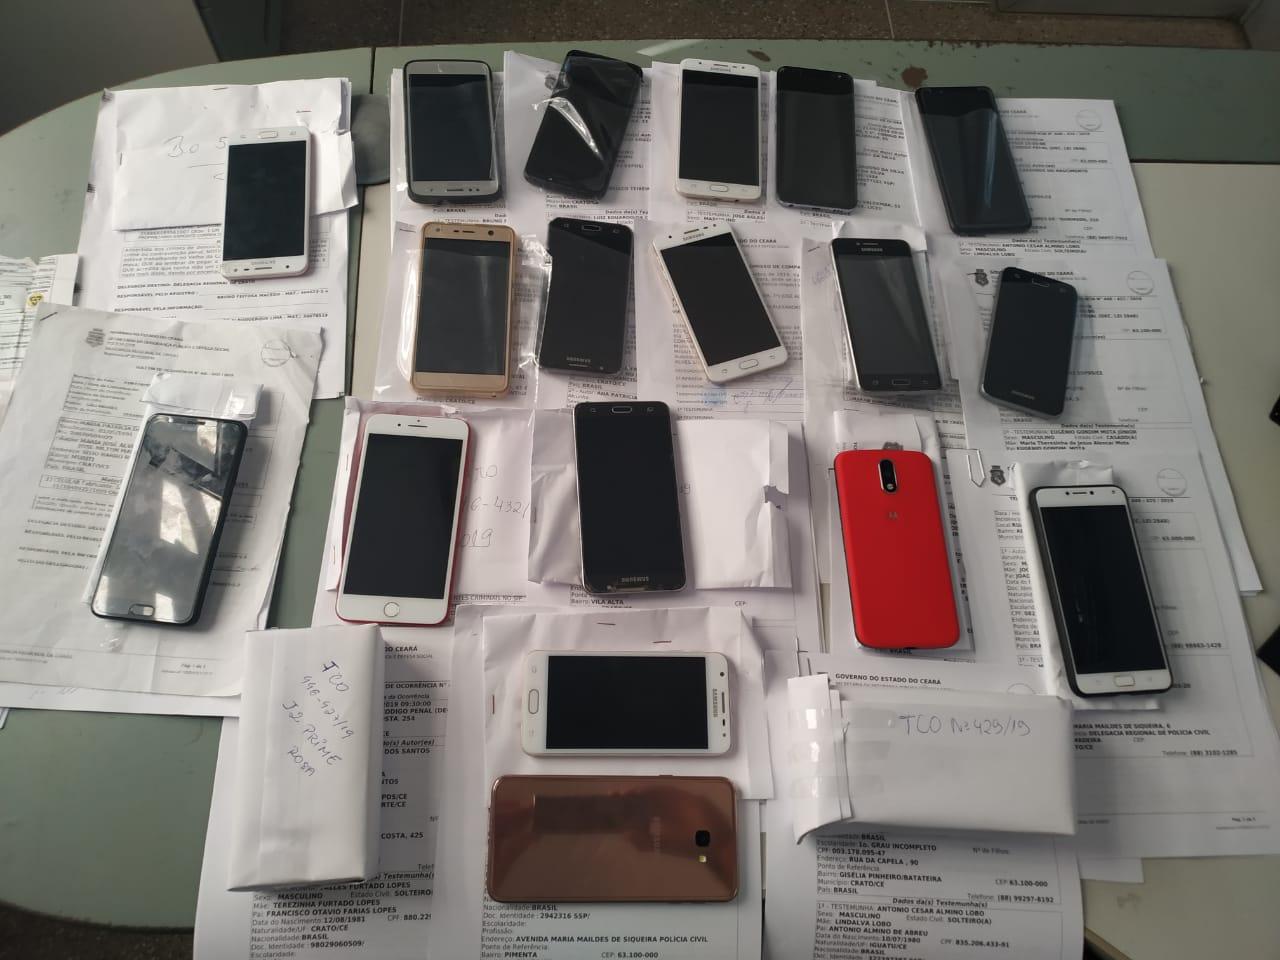 OPERAÇÃO CELLARE. Polícia Civil recupera 21 celulares roubados ou furtados no cariri